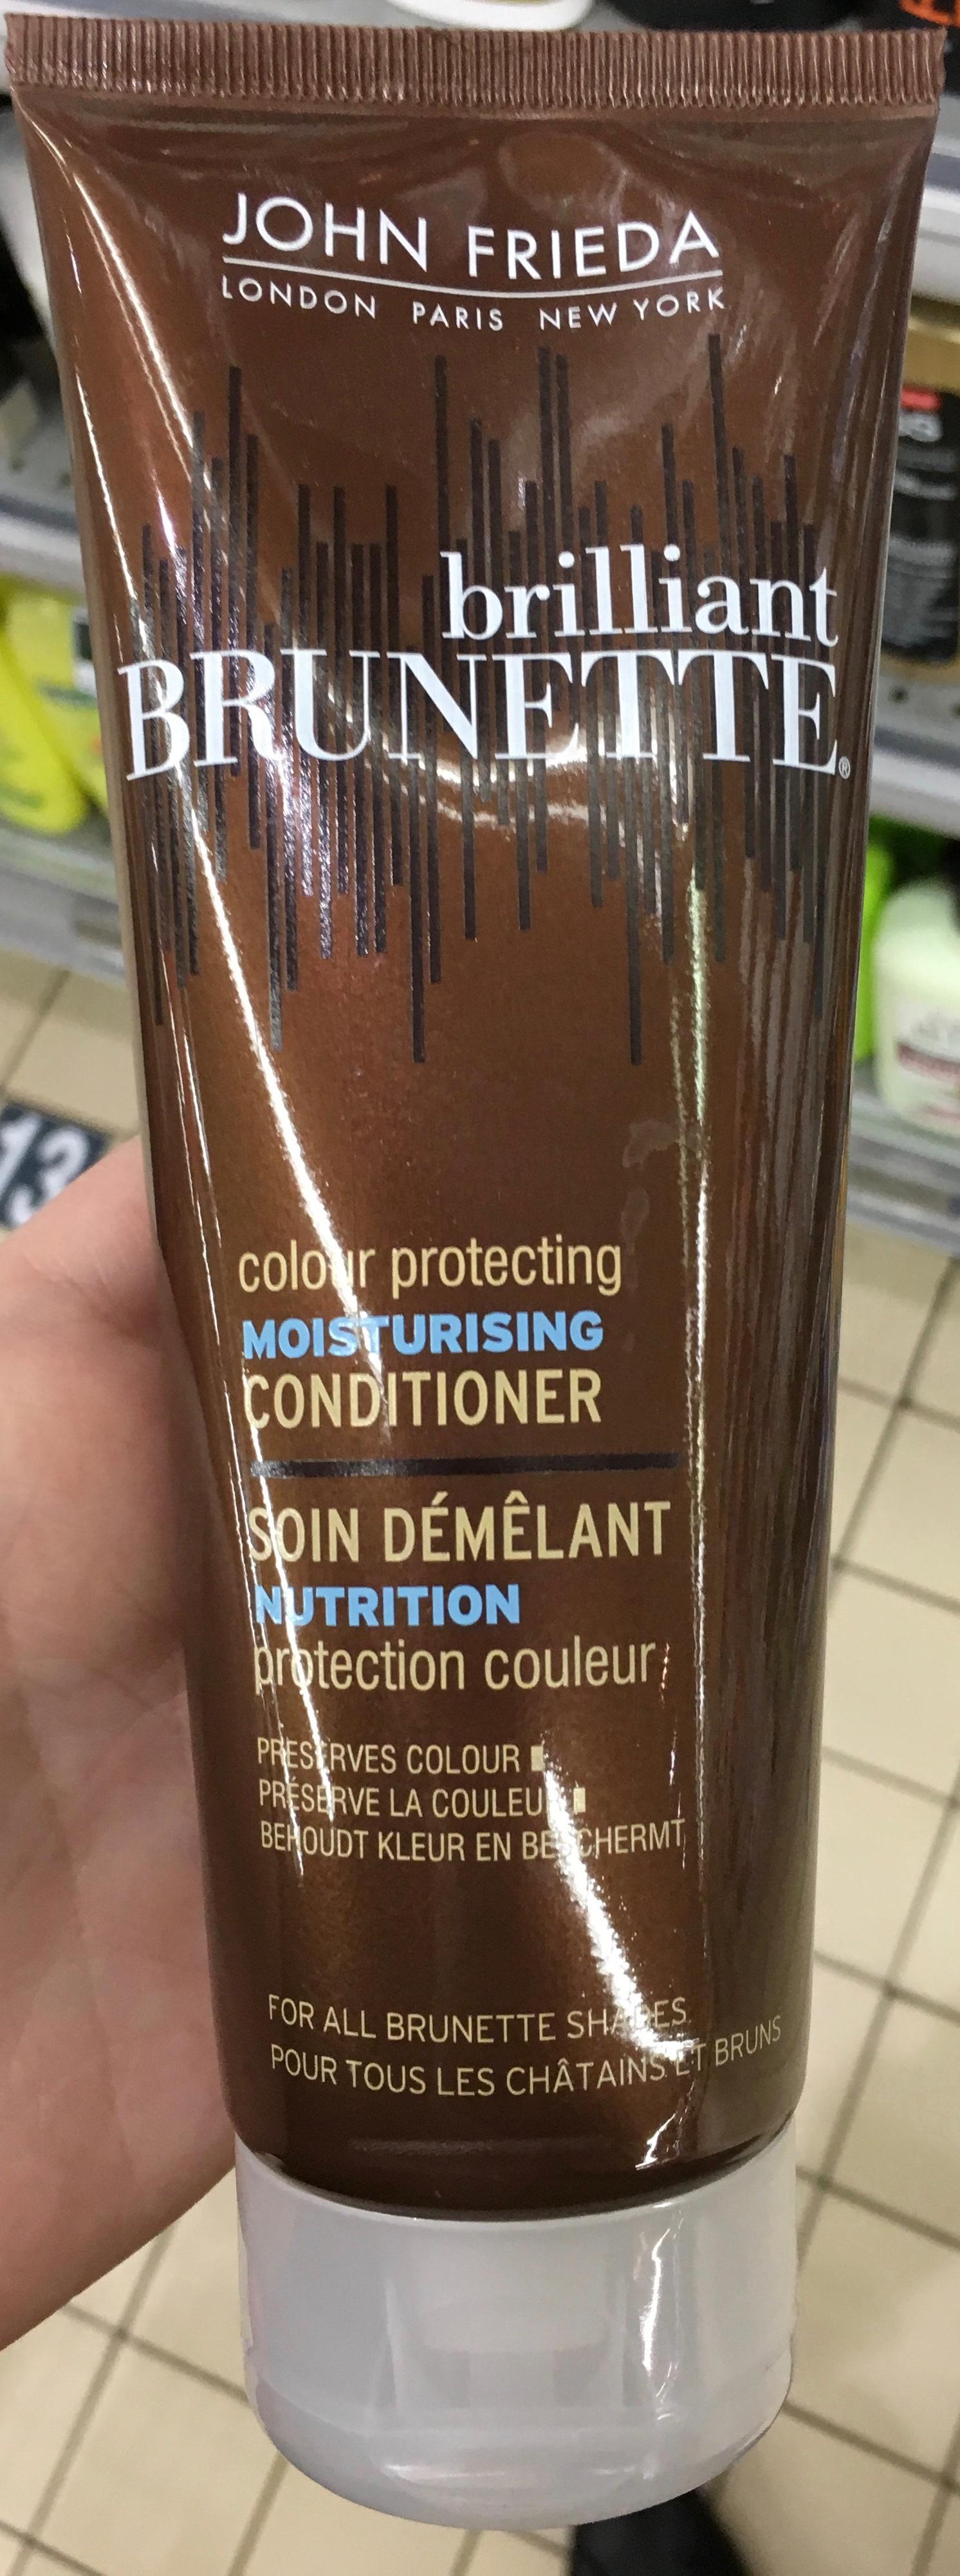 Brilliant Brunette Soin démêlant nutrition protection couleur - Produit - fr